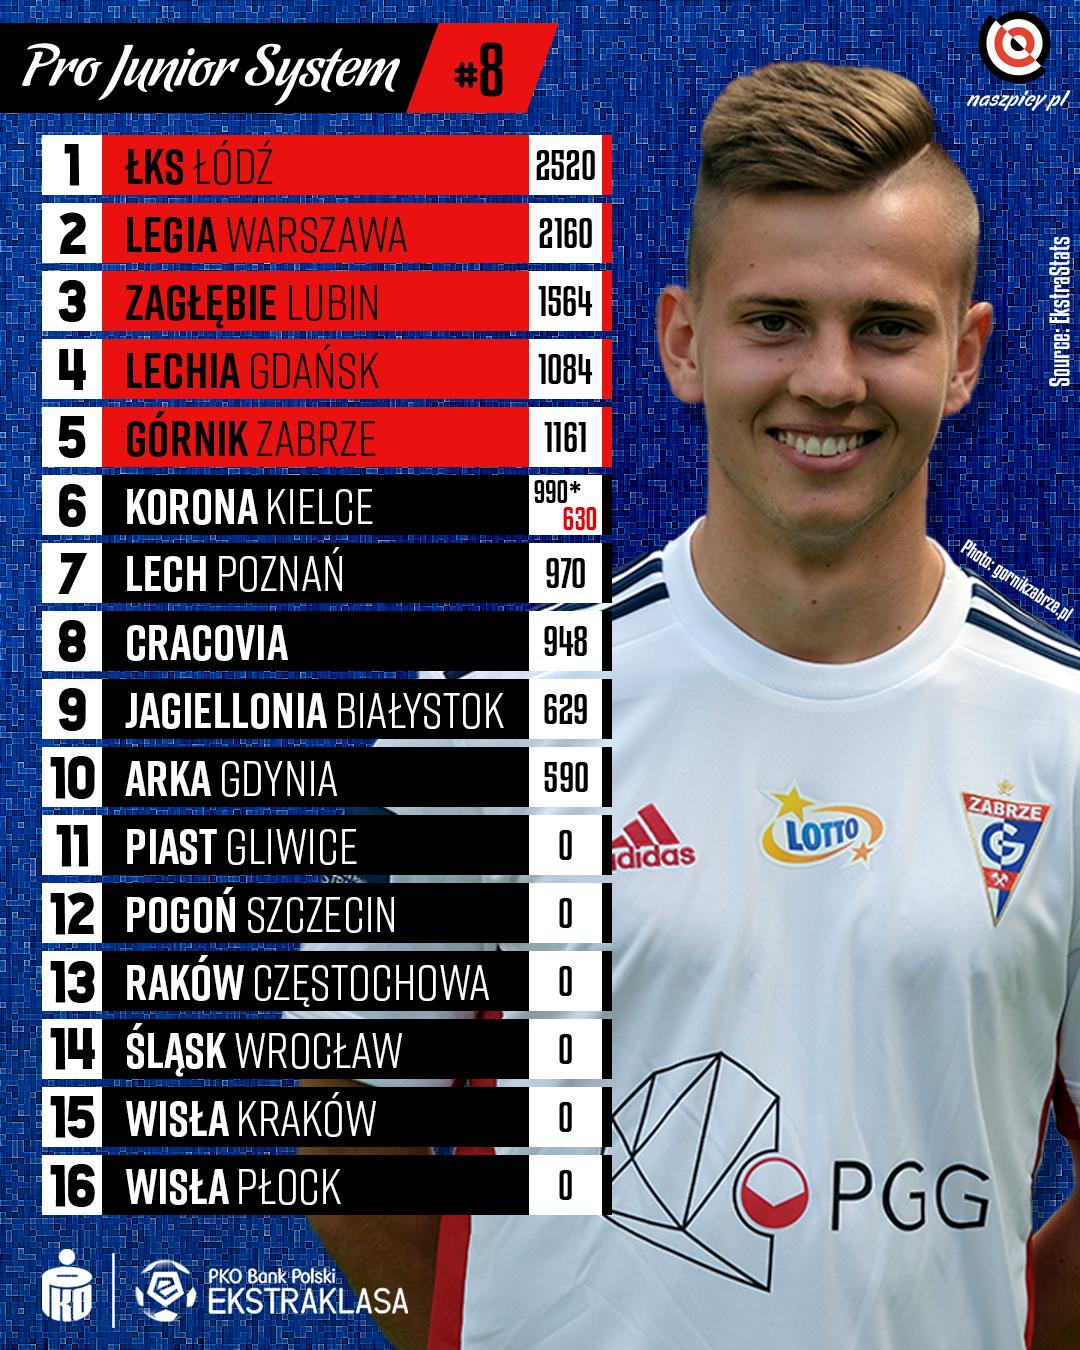 Punktacja Pro Junior System po 8. kolejce PKO Ekstraklasy<br><br>Źródło: Opracowanie własne na podstawie ekstrastats.pl<br><br>fot. Górnik Zabrze / gornikzabrze.pl<br><br>graf. Bartosz Urban